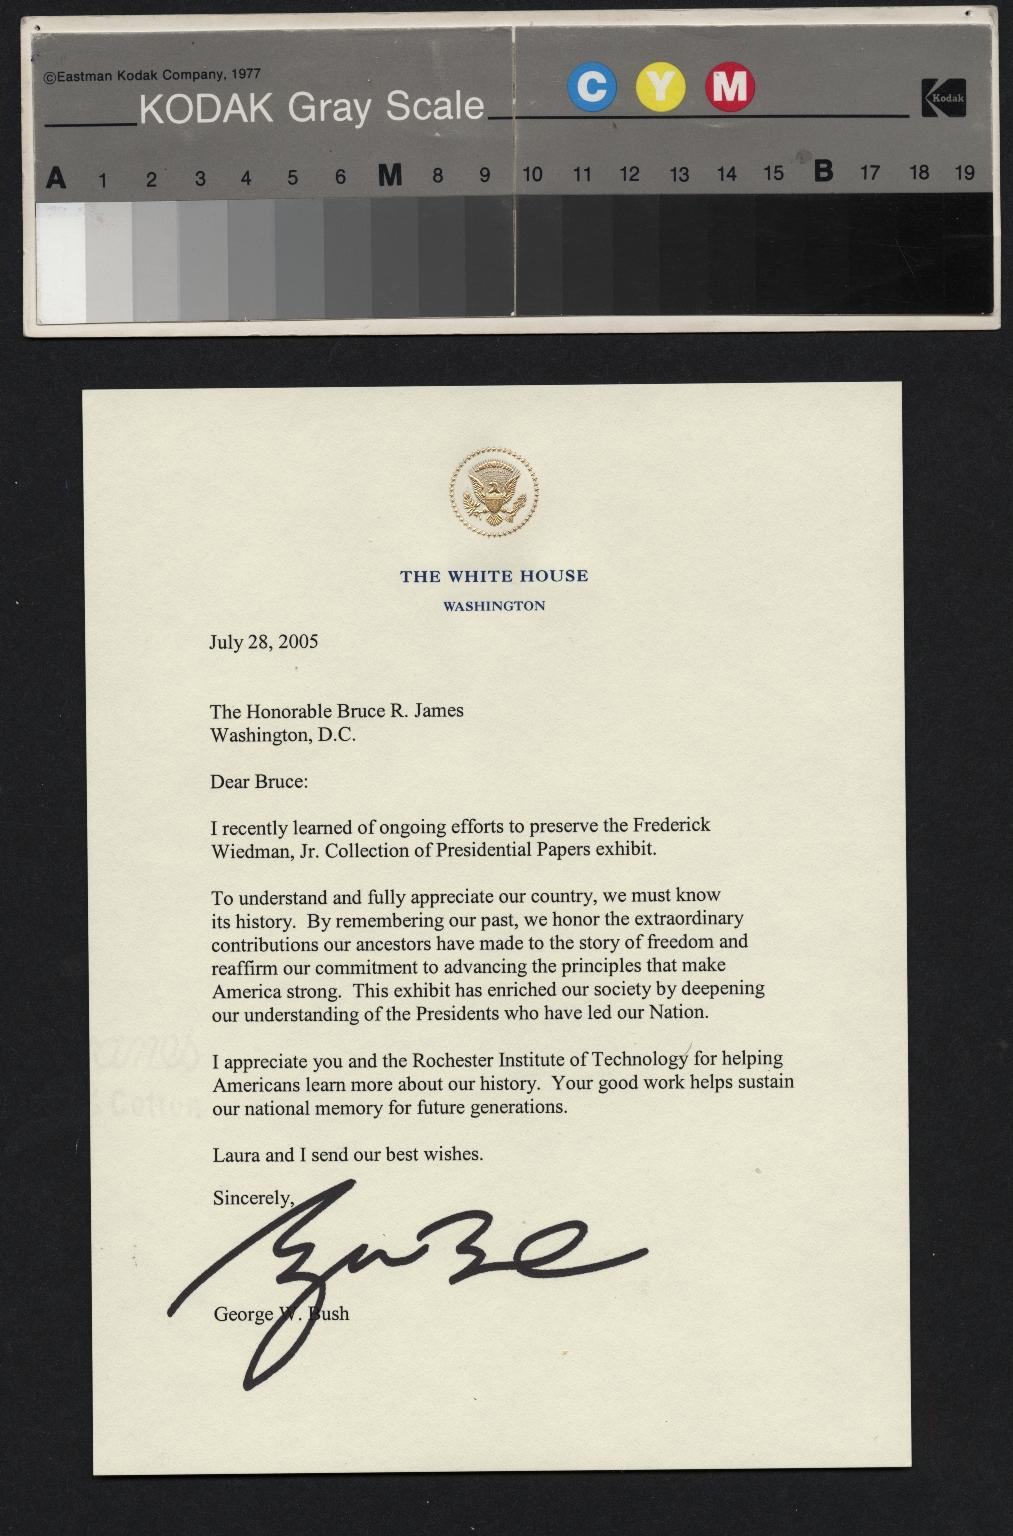 George W. Bush letter